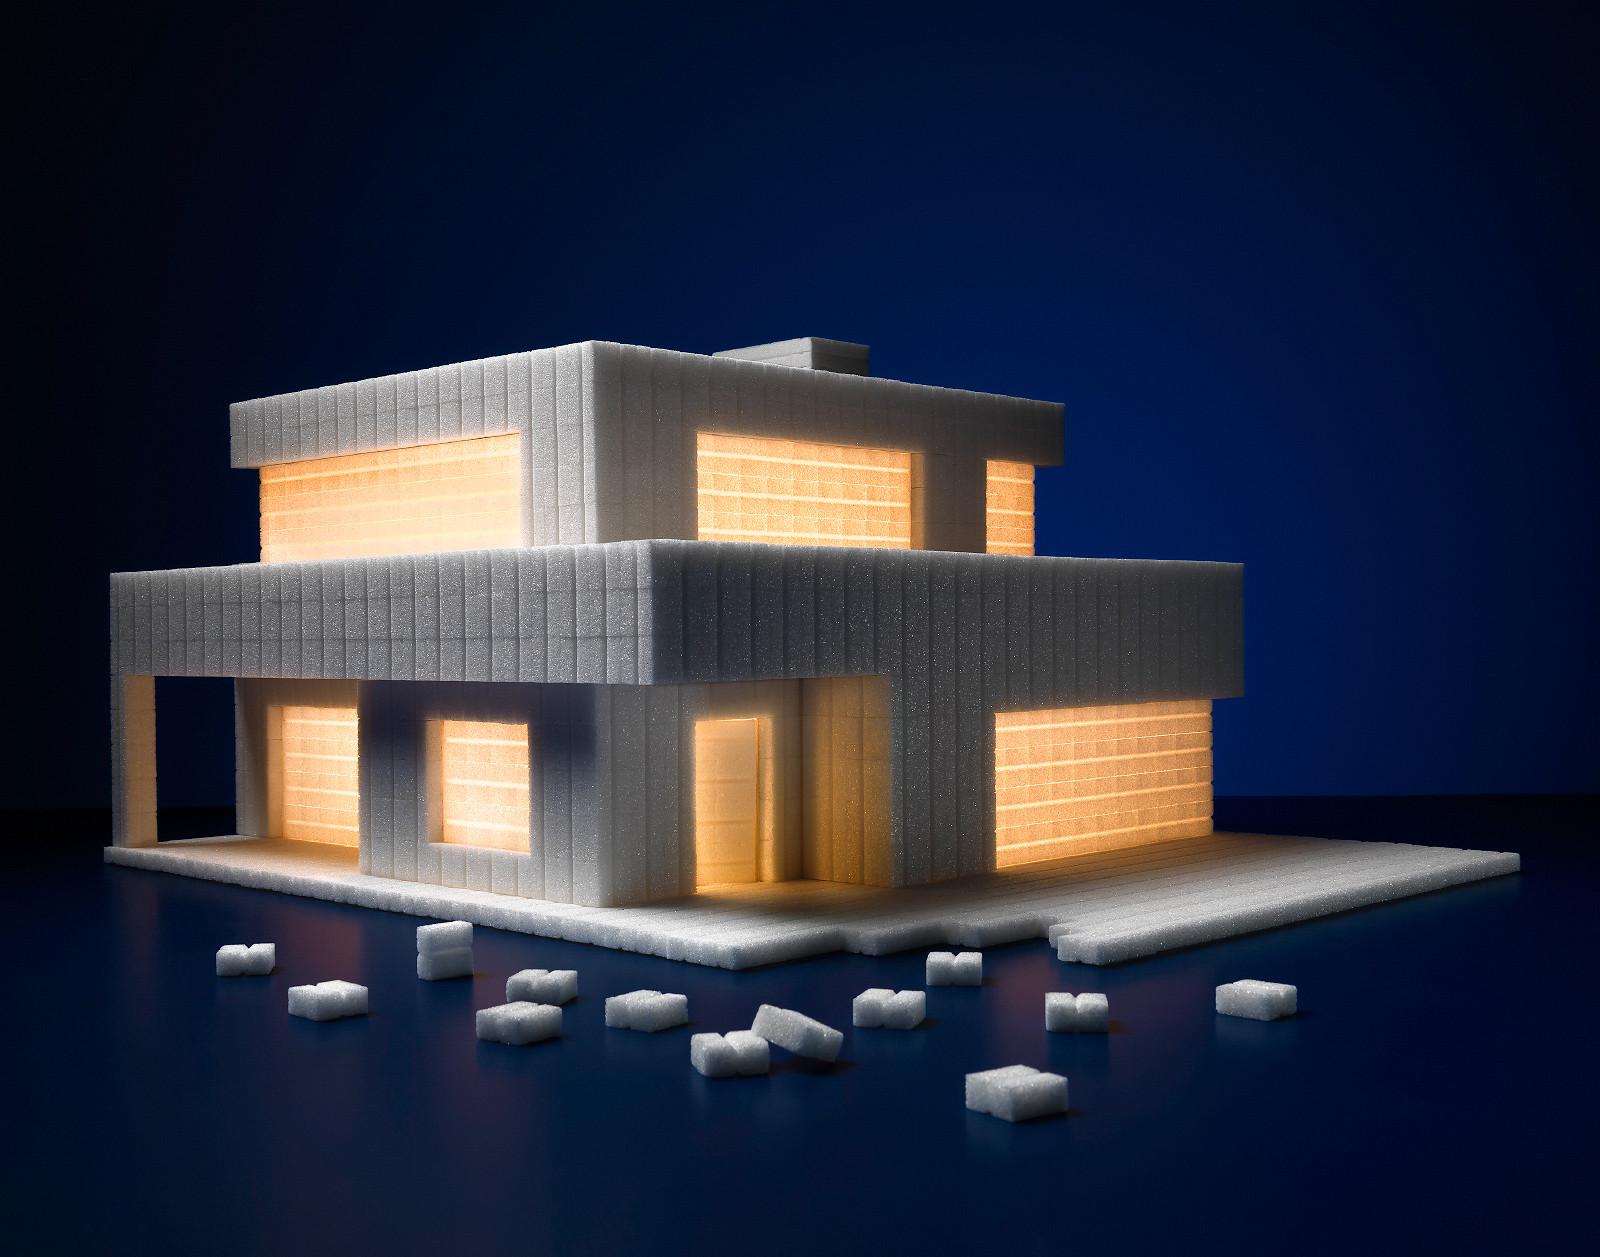 Image De Maison Moderne maison-moderne - jean-françois de witte